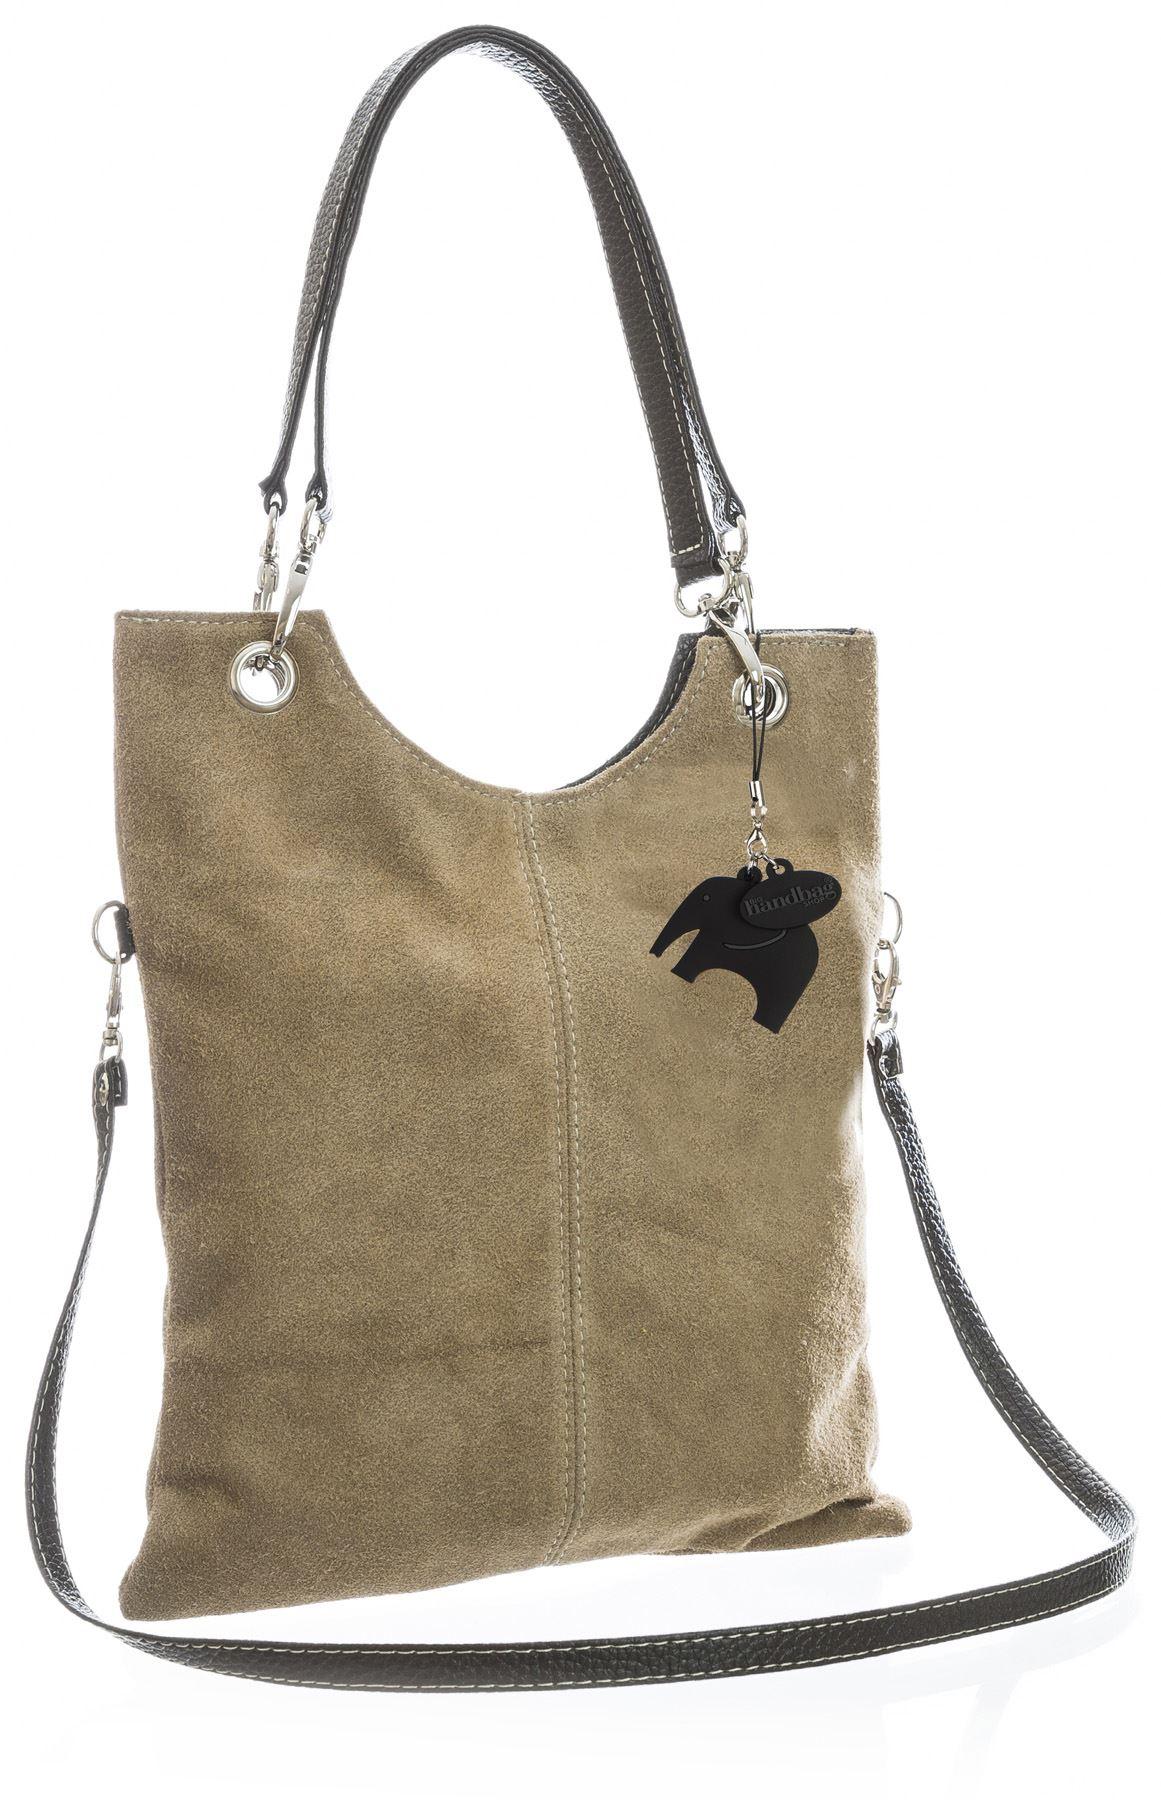 Big Handbag Shop Wildleder Einfarbig Top Griff Abend Clutch Schultertasche